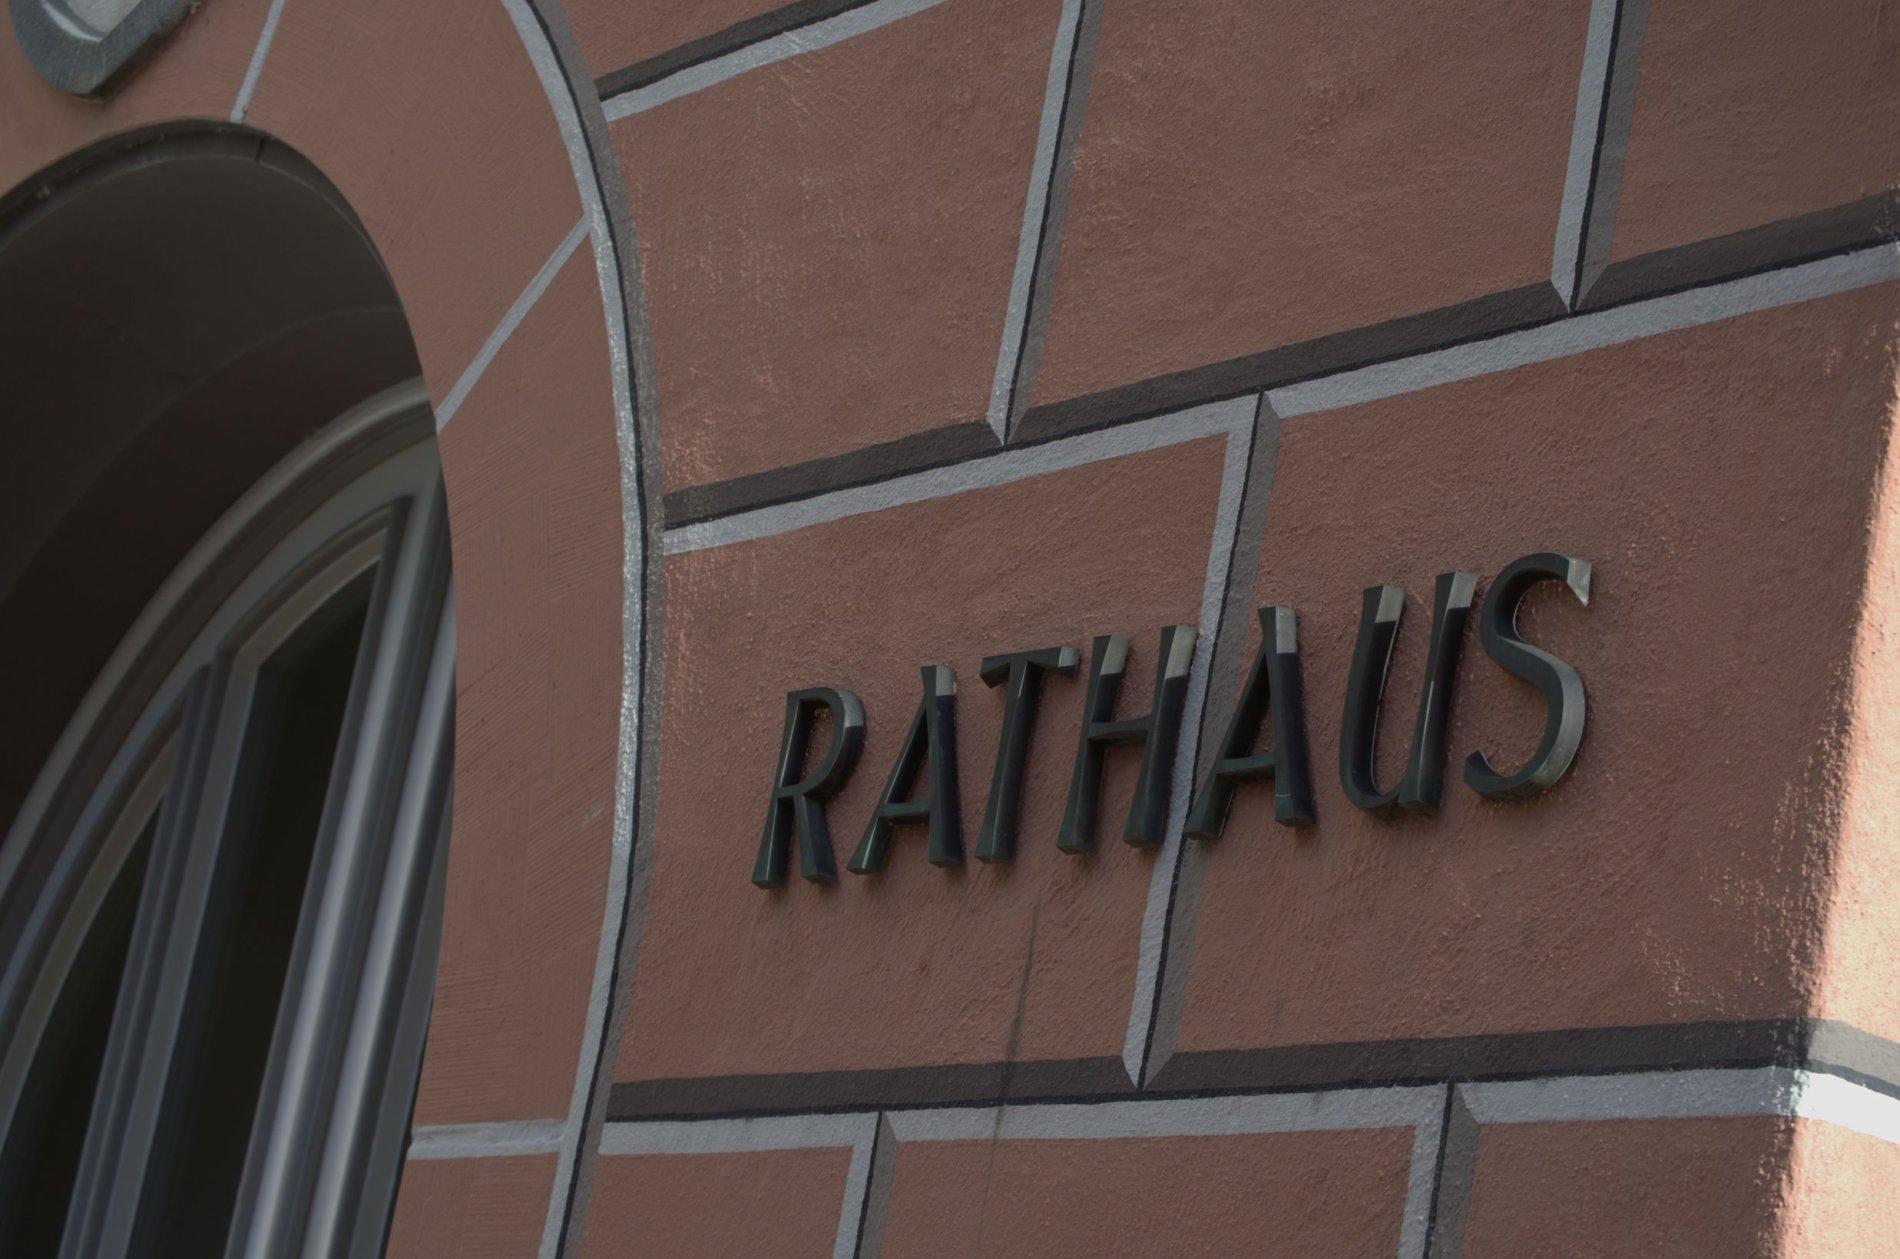 Rathaus Engen